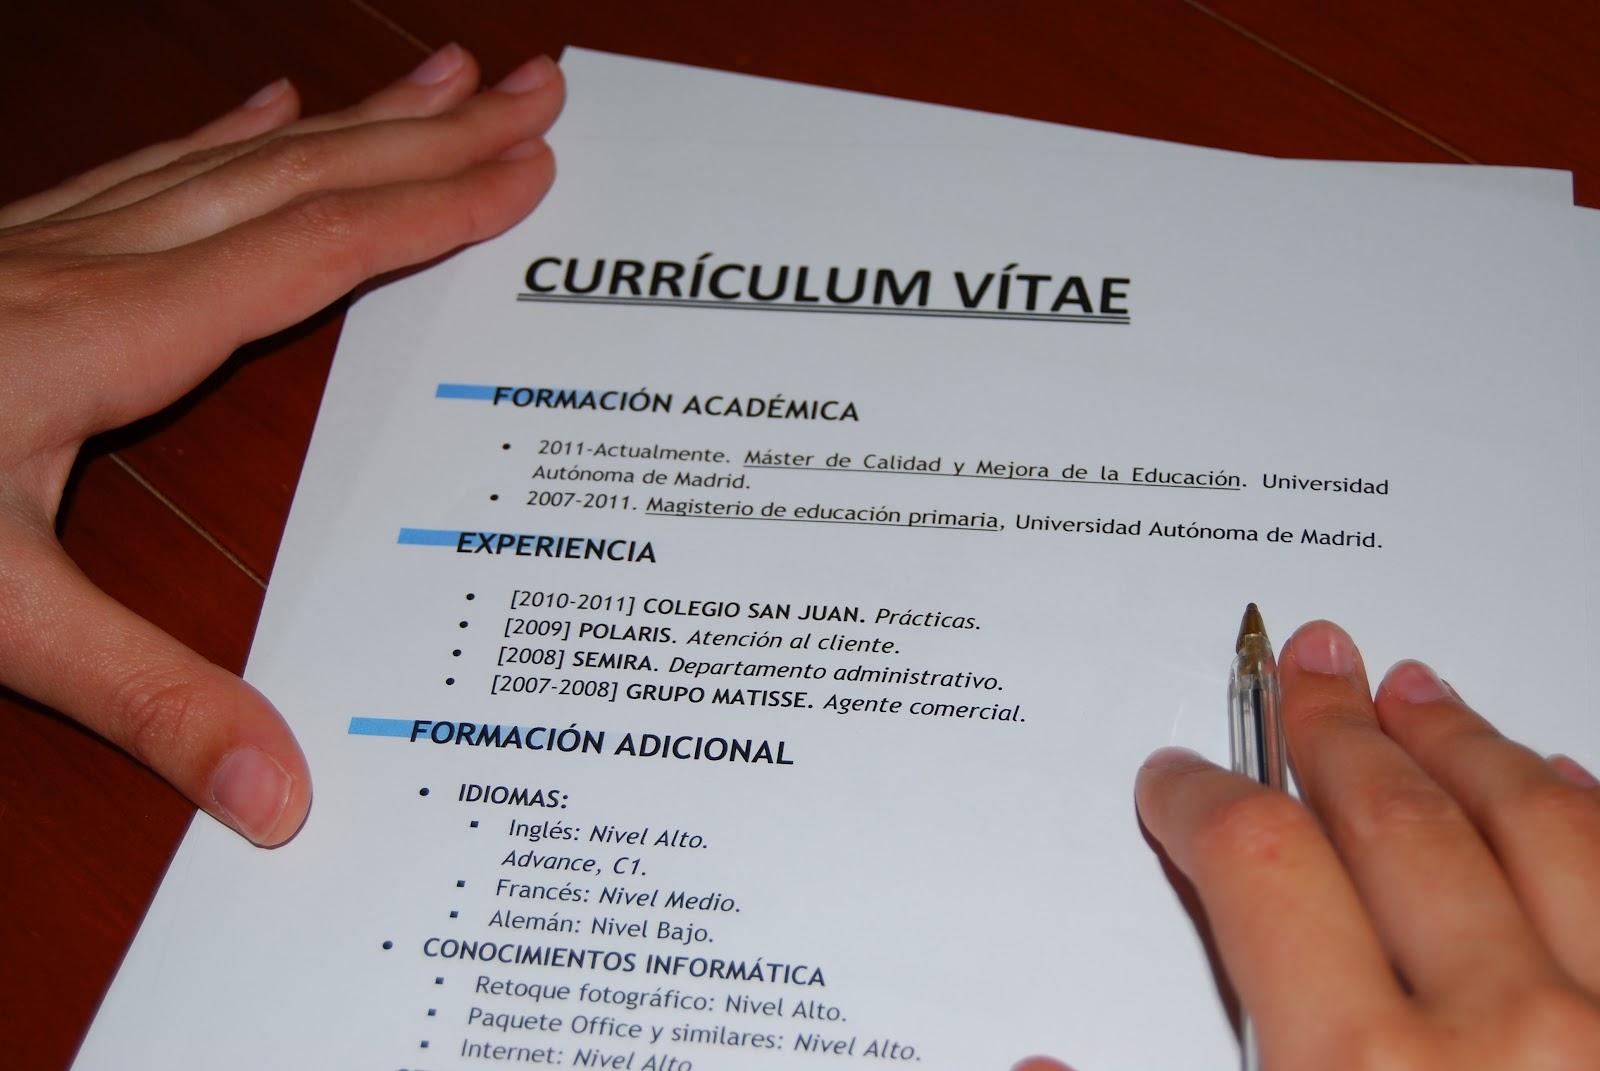 Como hacer un curriculum vitae en word 2007 / Marketing essay